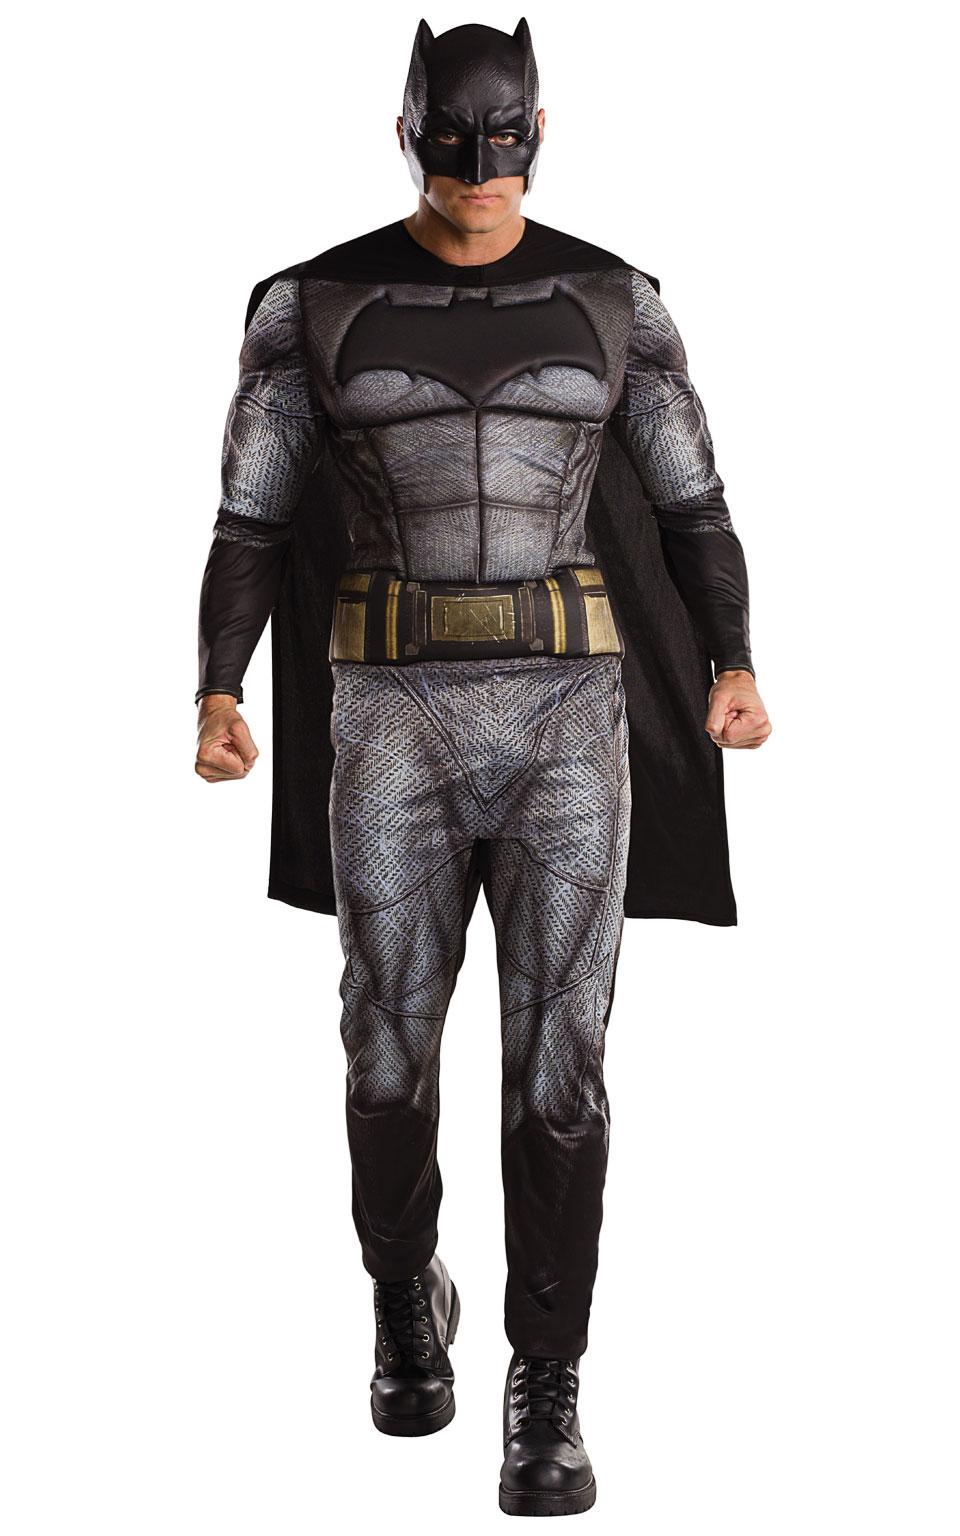 Rubies Kostým Batman Veľkosť - dospelý: STD